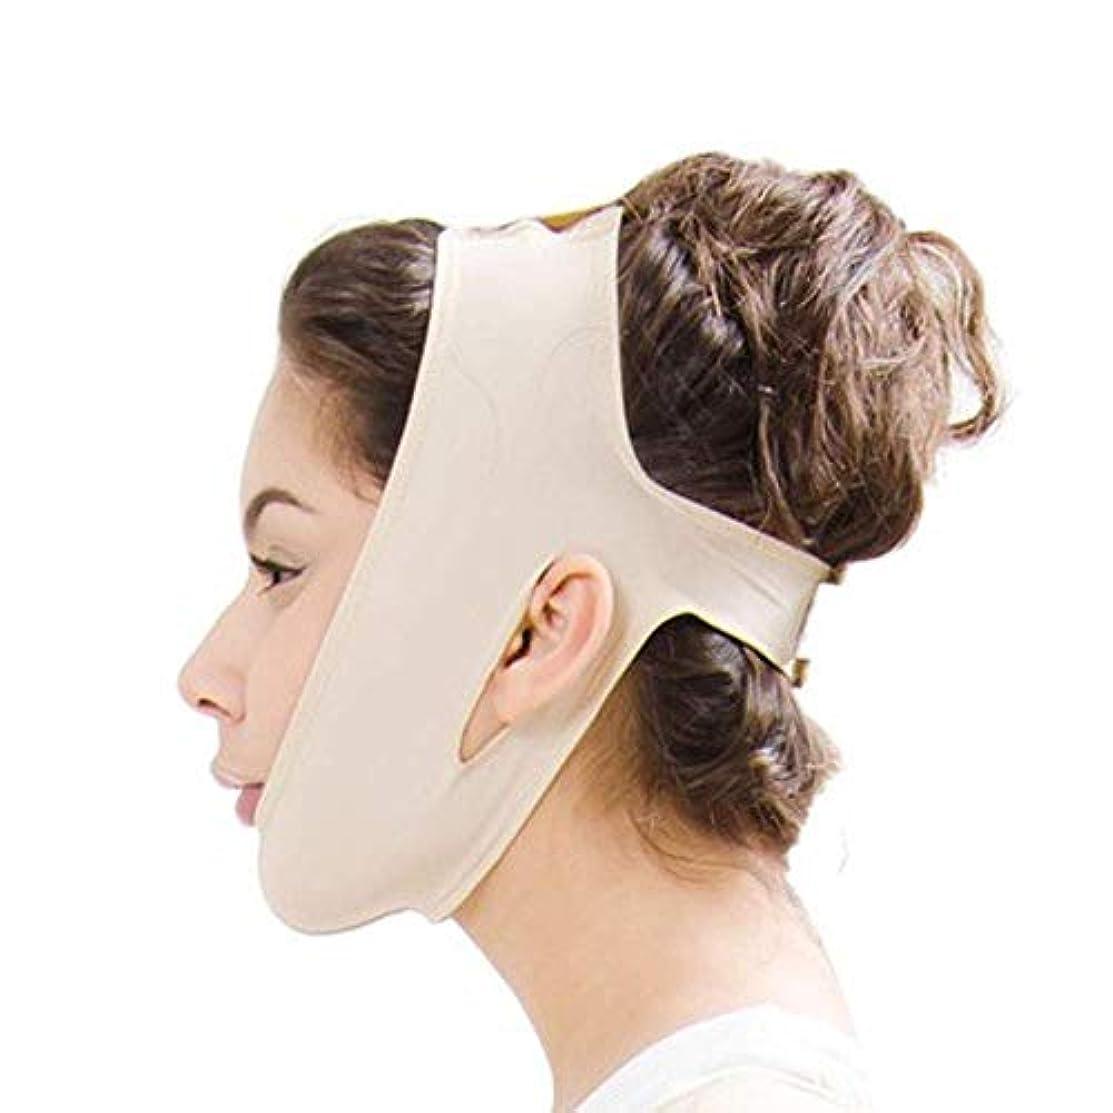 グリルブローホールナンセンスフェイスリフティングマスク、フェイスダブルチンコンプレッションシンスモールVフェイスバンデージヘッドギアリフティングファーミングスキン(サイズ:M)